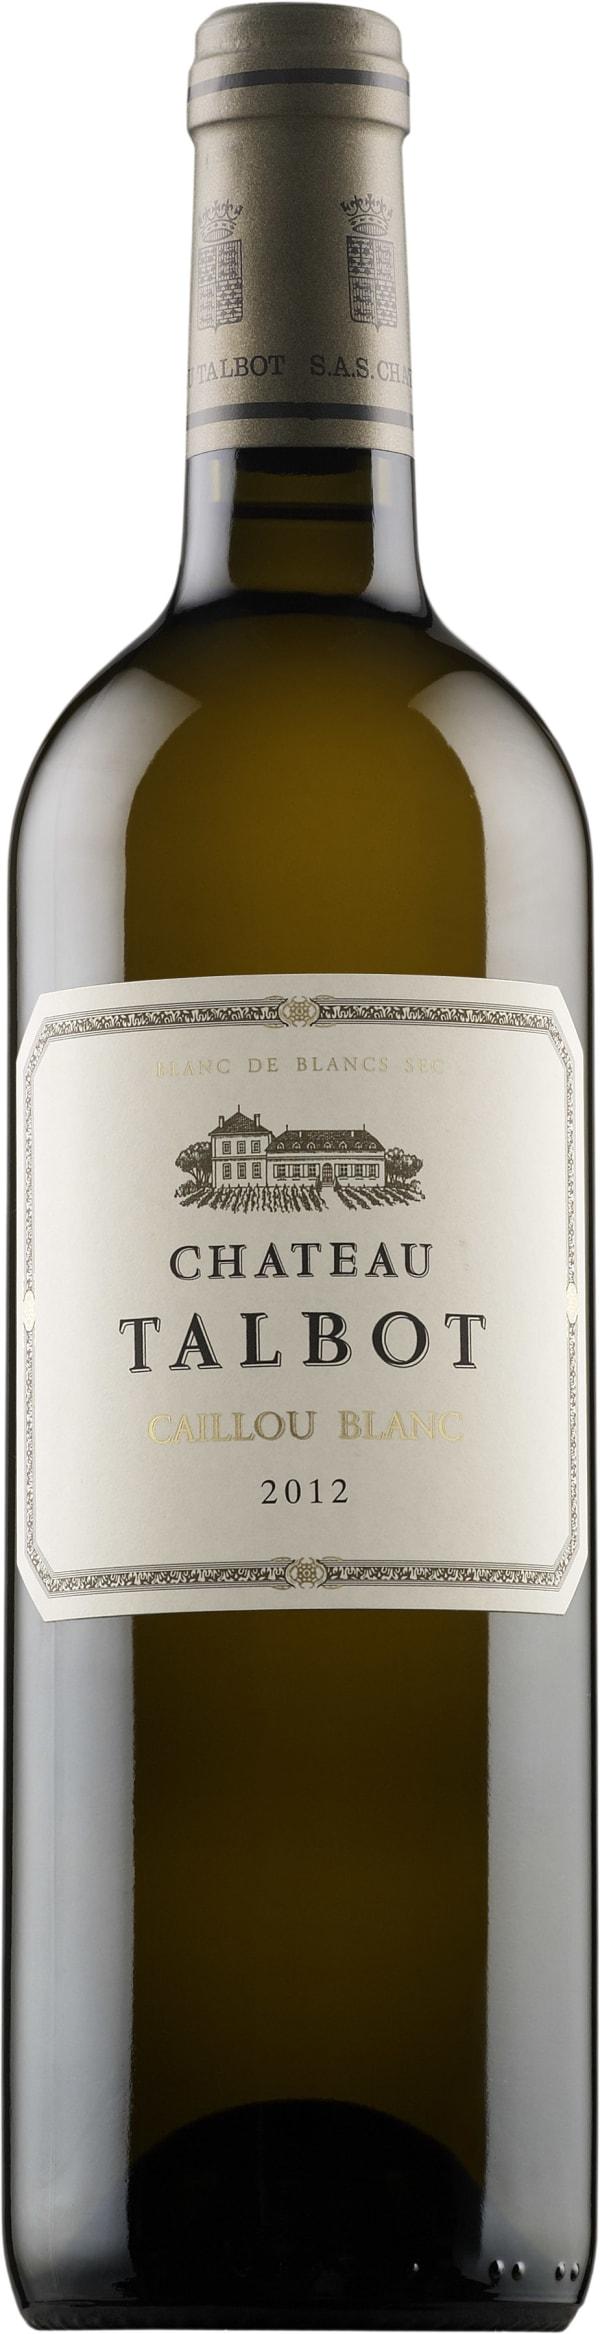 Château Talbot Caillou Blanc 2012